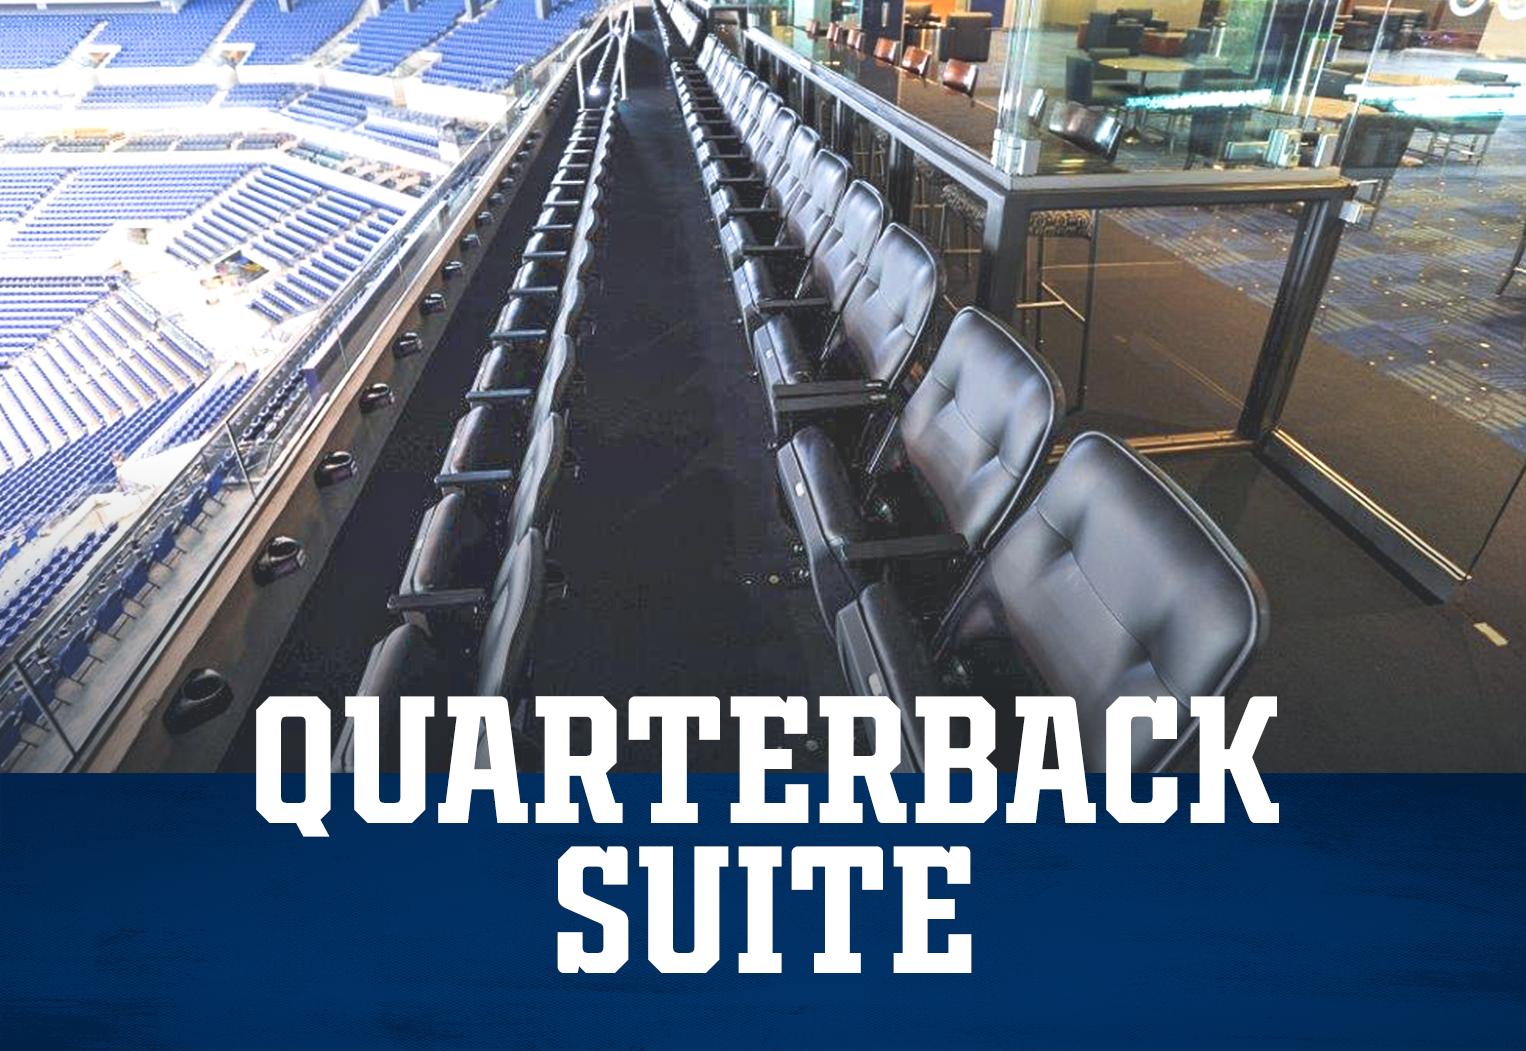 Indianapolis Colts Quarterback Suite At Lucas Oil Stadium